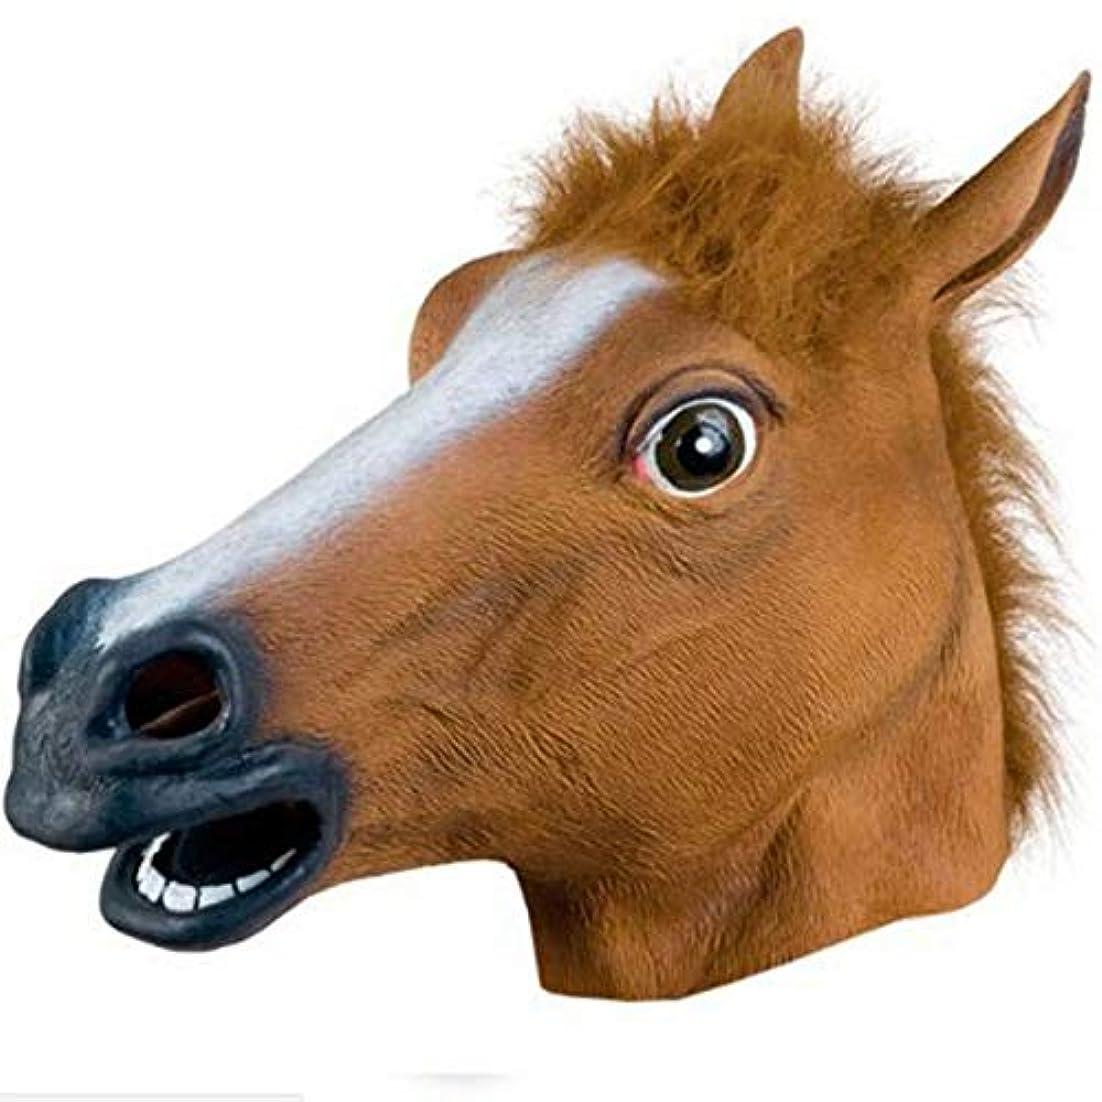 下にそんなに原点馬の頭の仮面舞踏会おかしい面白いハロウィーンの馬の頭のマスクのかつら,ブラウン